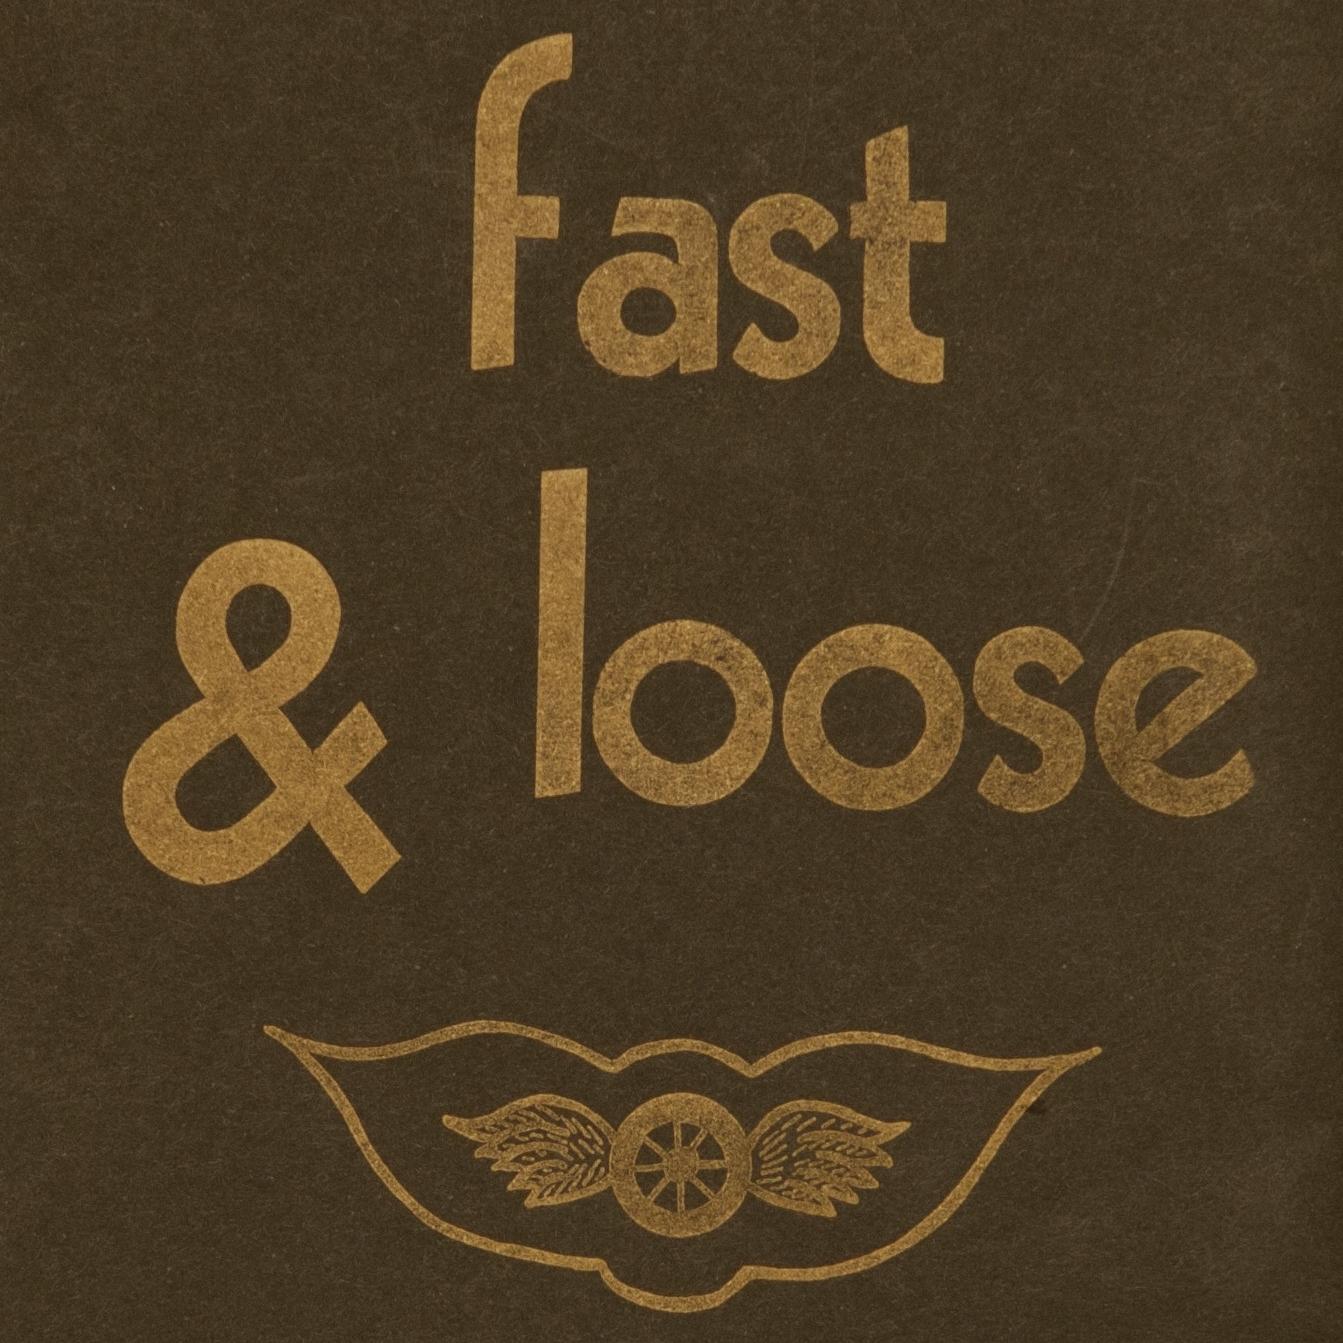 fast loose crop.jpg